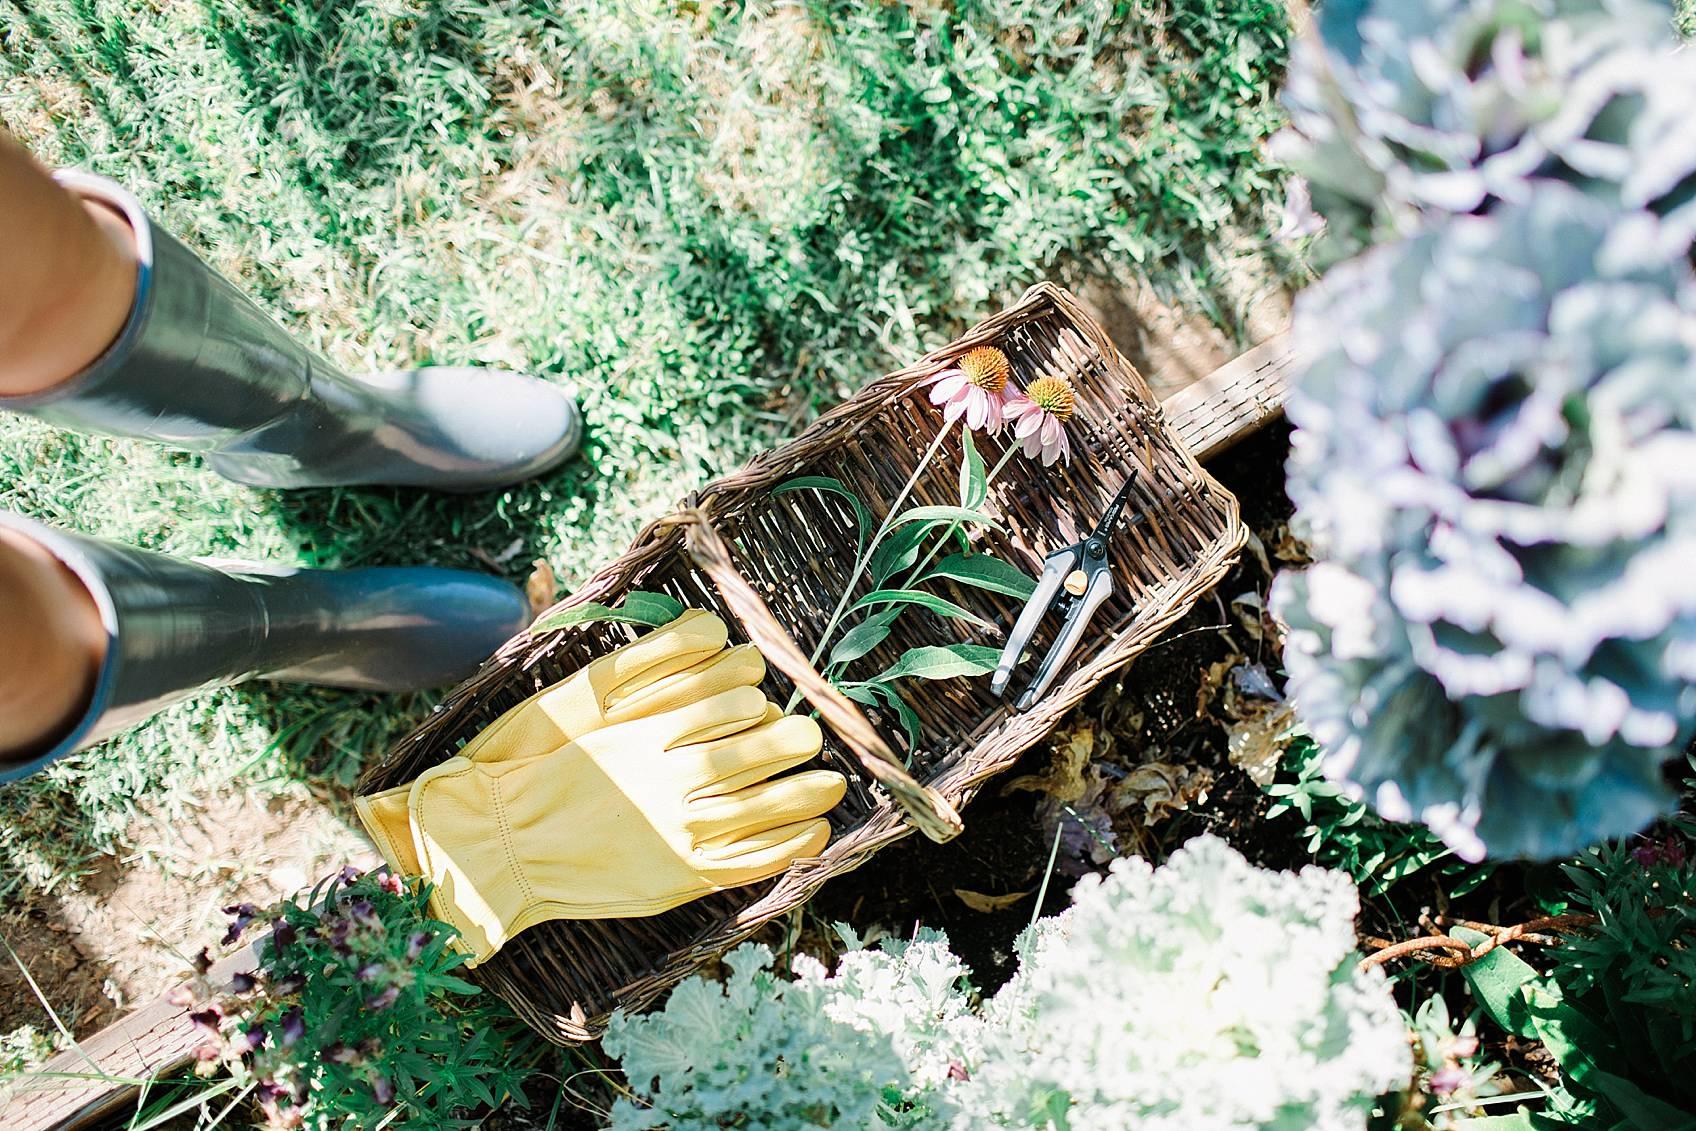 phoenix home garden blogger diana Elizabeth's garden flowers in a basket with gloves